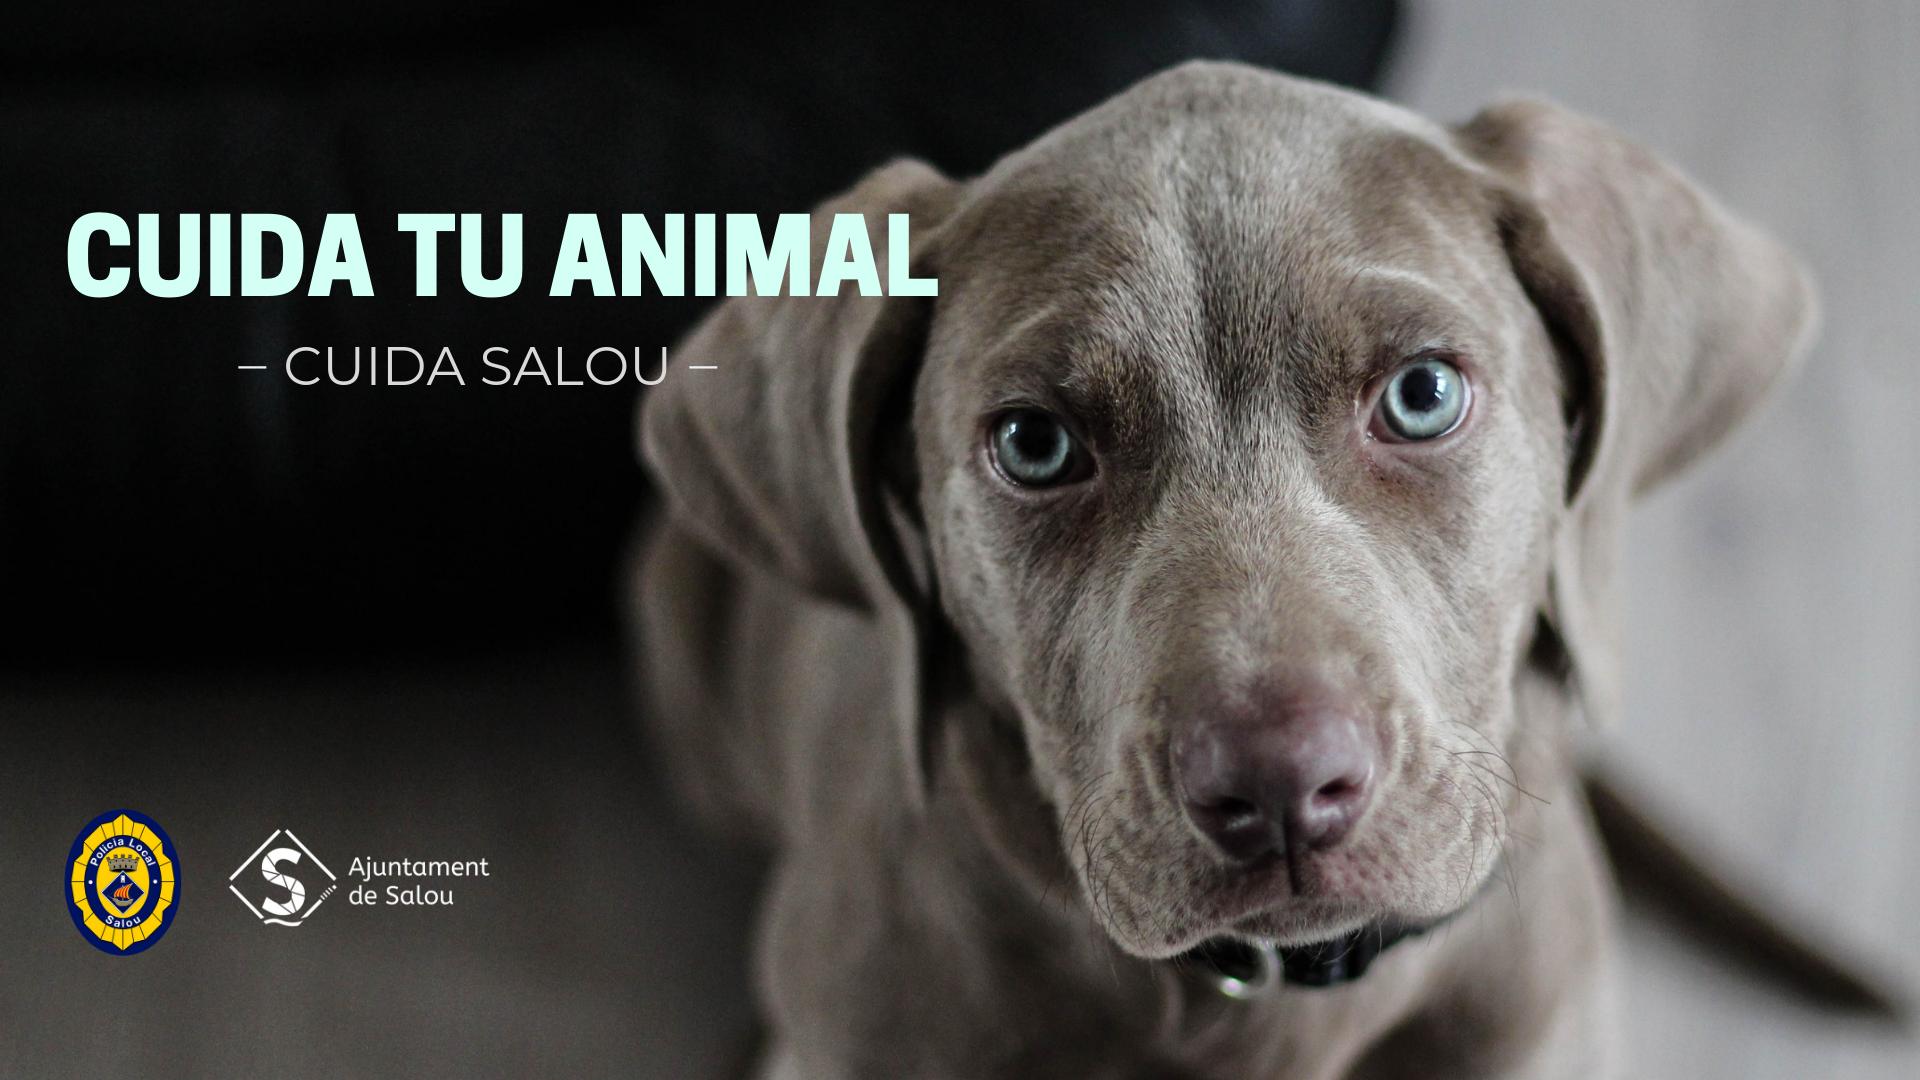 Cuida tu animal